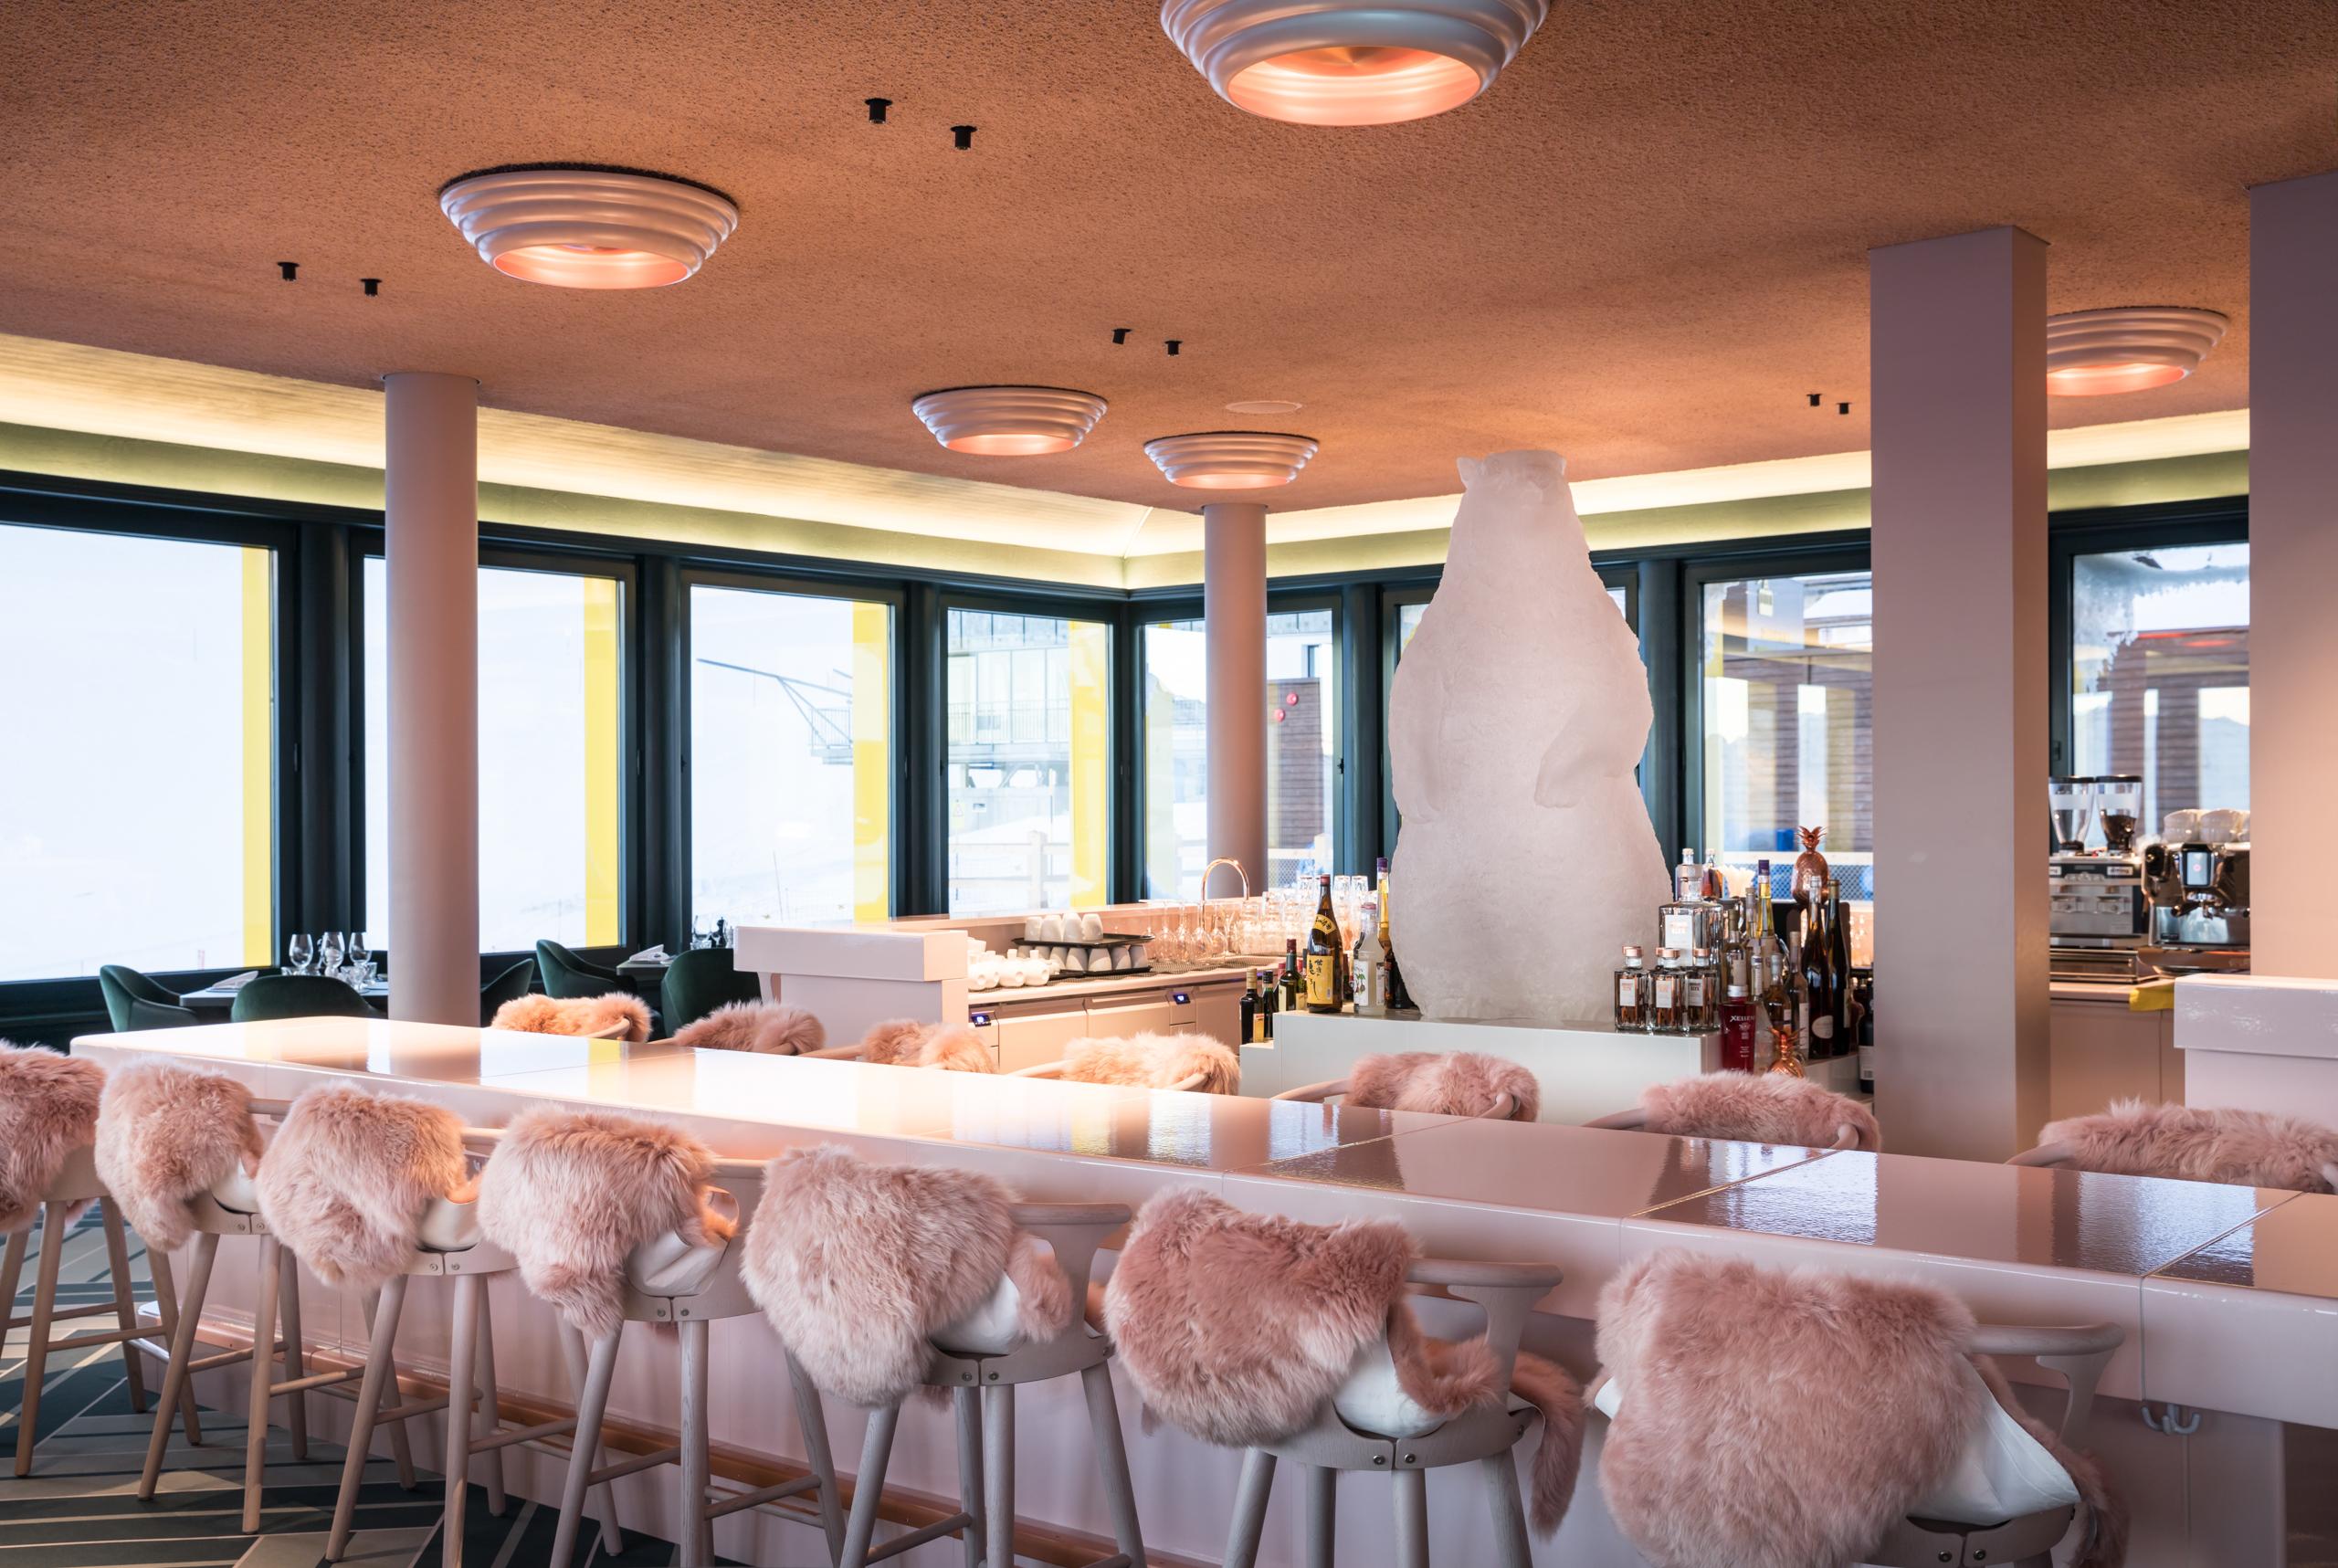 White Marmot Restaurant & Bar Slide 4